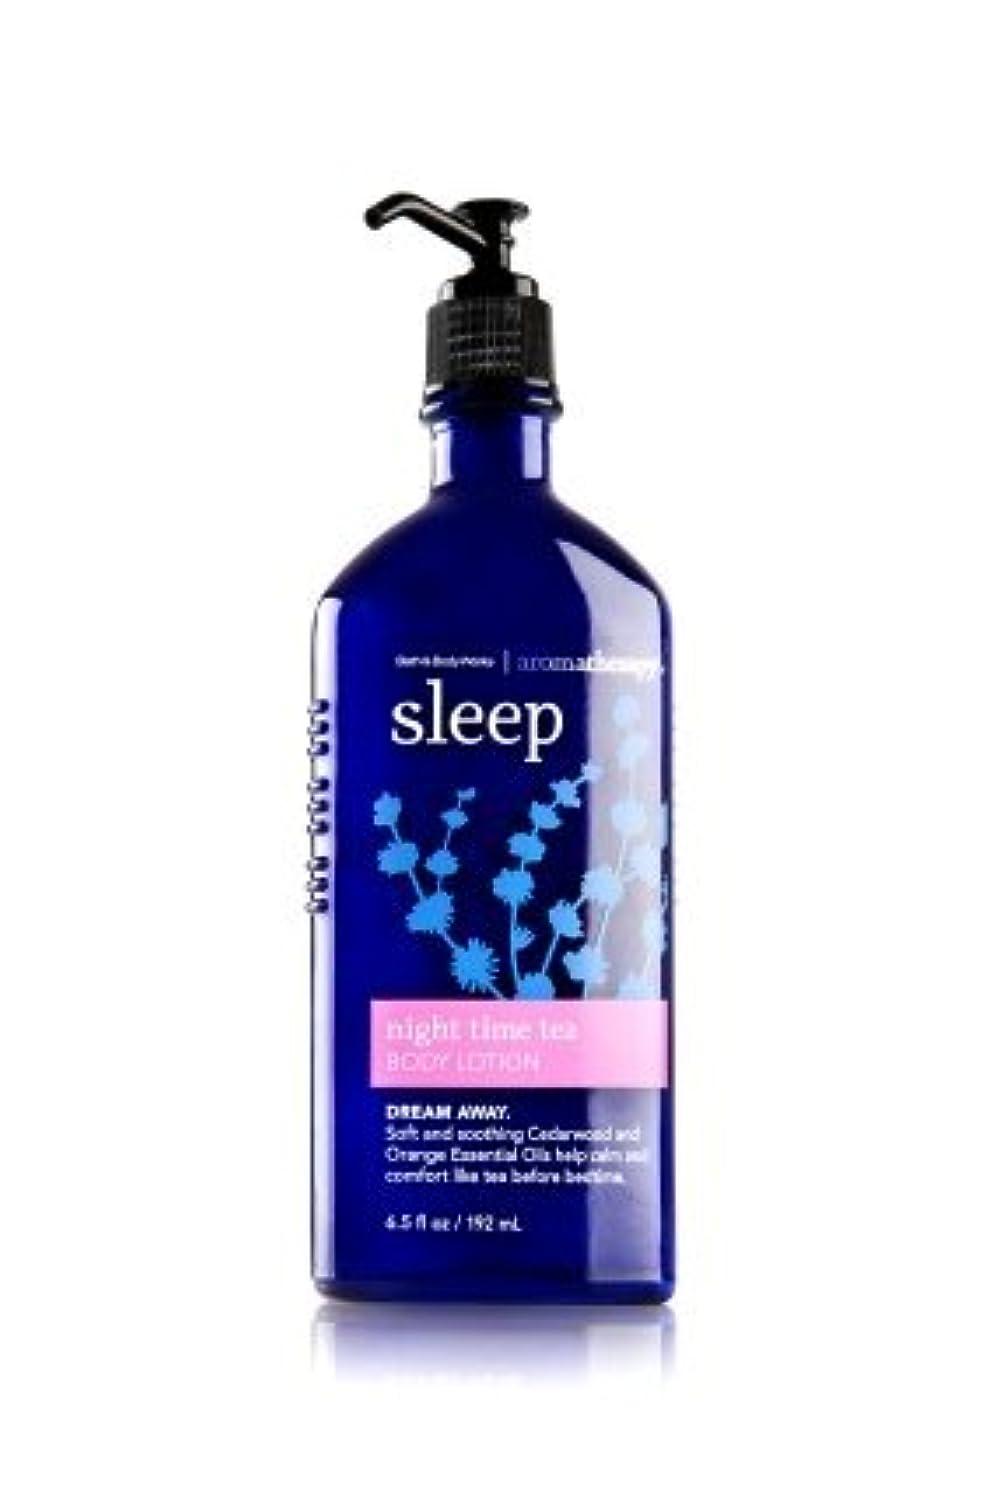 徹底病気の人形【Bath&Body Works/バス&ボディワークス】 ボディローション アロマセラピー スリープ ナイトタイムティー Body Lotion Aromatherapy Sleep Night Time Tea 6.5...